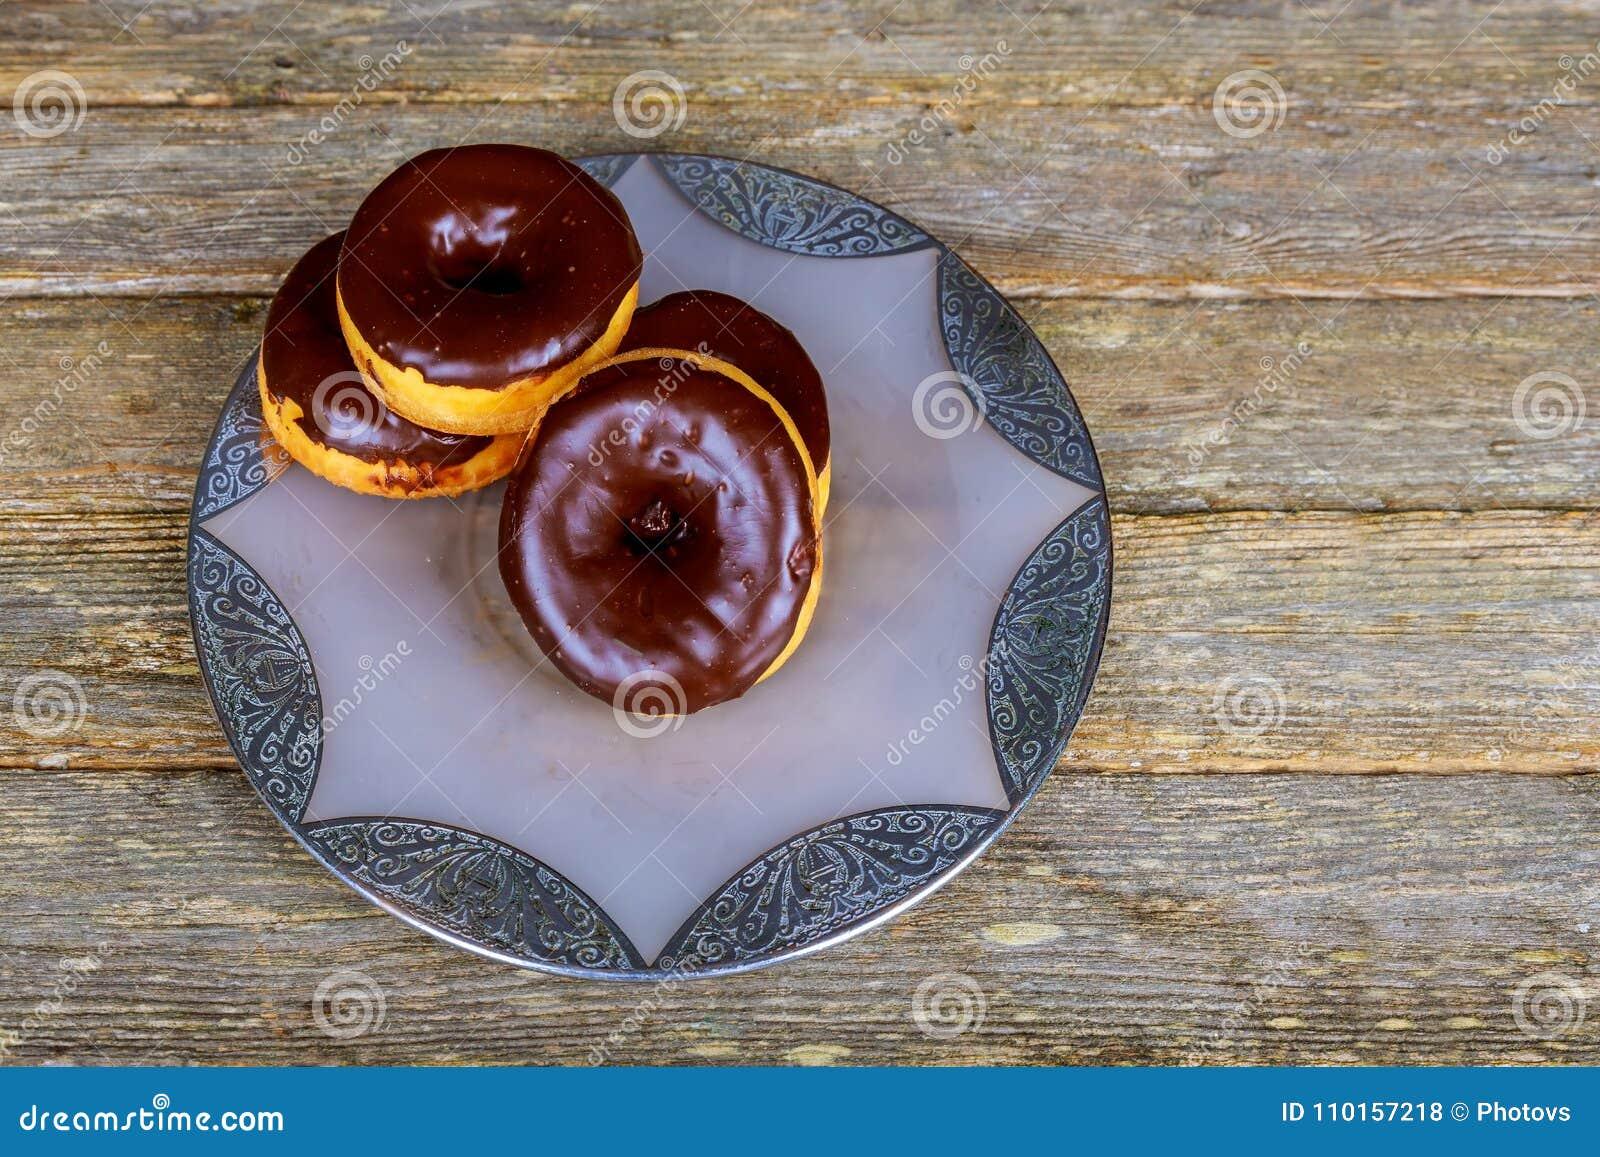 Autumn Pumpkin Donuts Ready vitrificado caseiro a comer